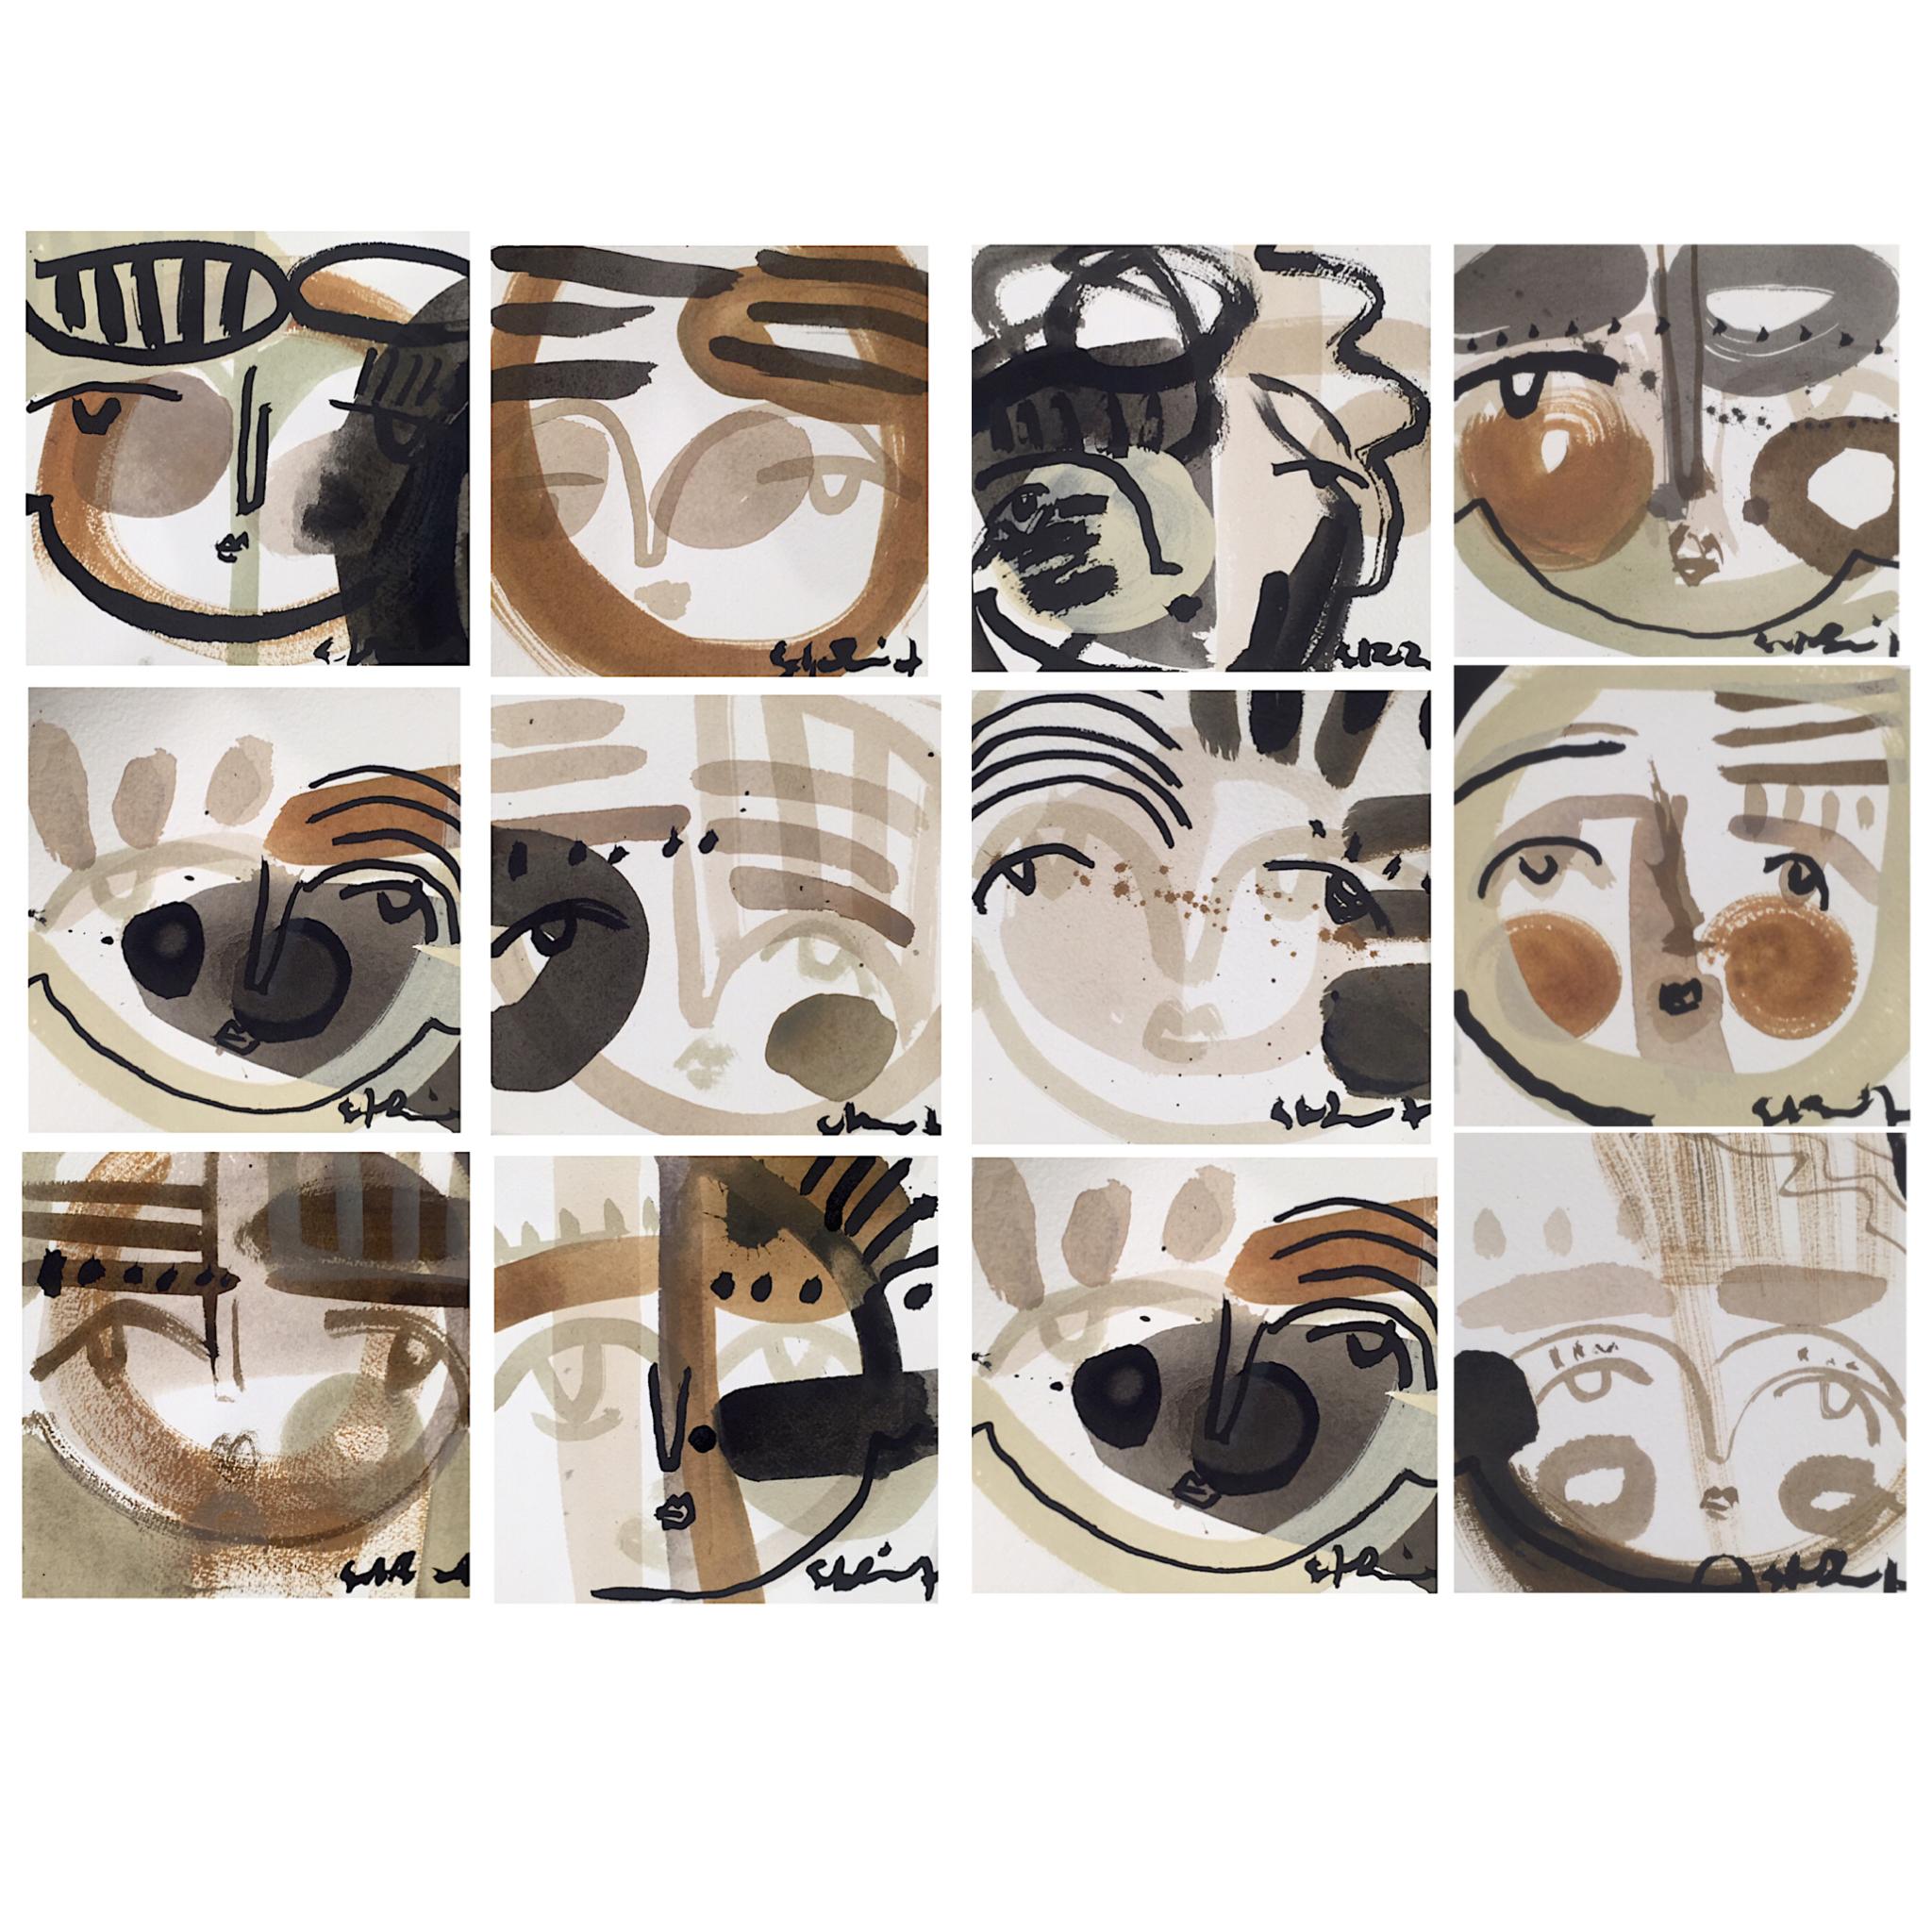 DOZIER, Maggie - 12 5x5 works on paper.jpg